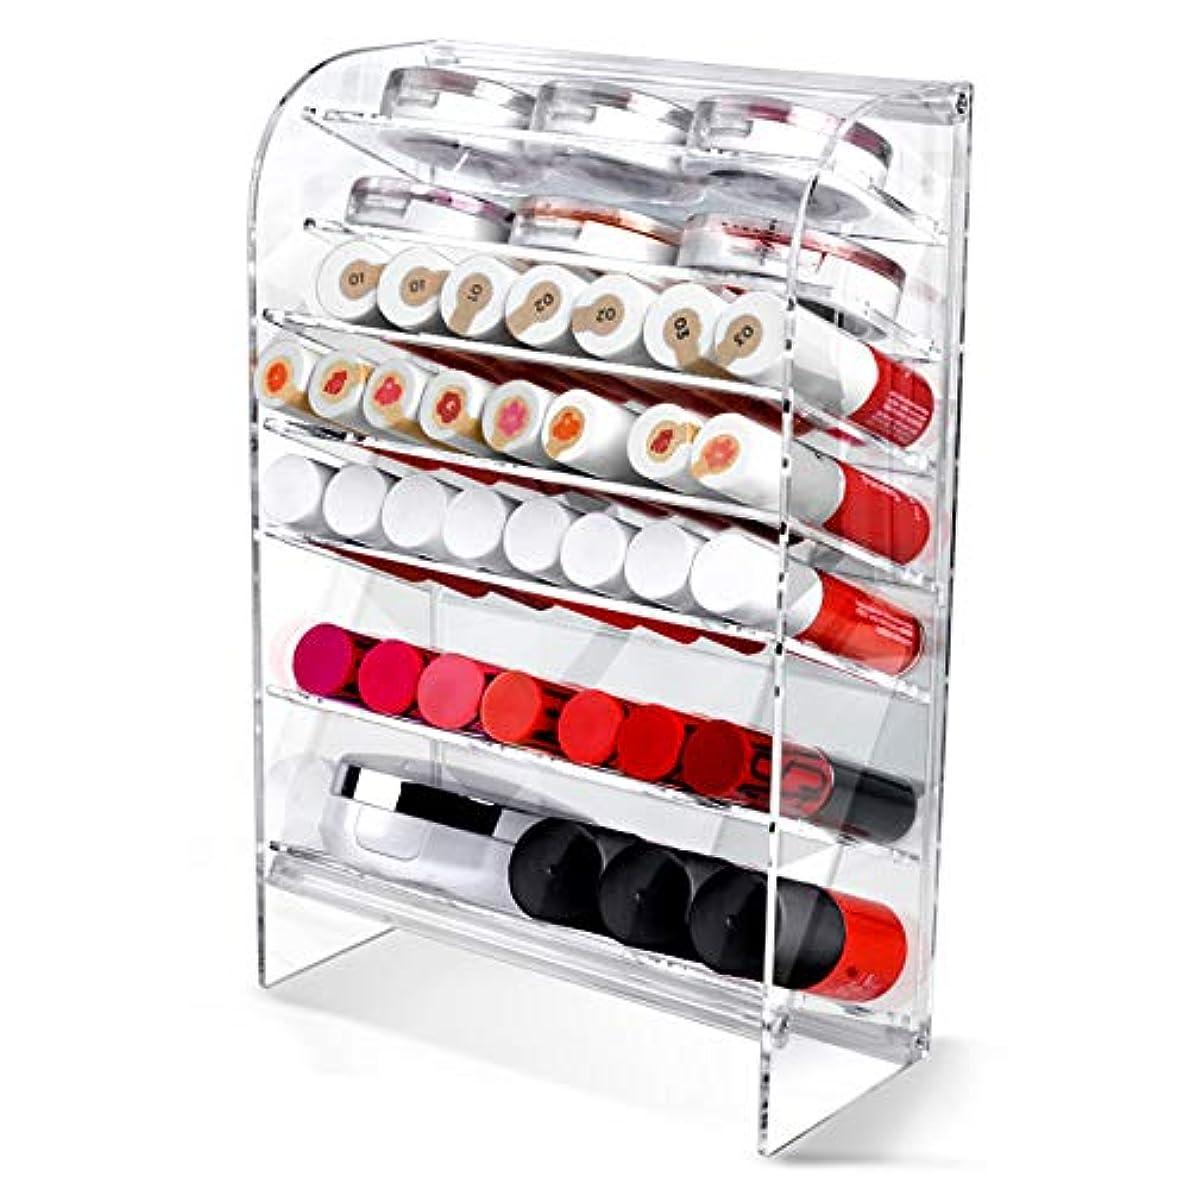 アシュリータファーマンあいにくクリエイティブAcrylic アクリル DIY Cosmetic 透明 コスメケース メイクケース メイクボックス 化粧品 入れ コスメ リップスティック 収納 スタンド/Organizer storage For lipstick...